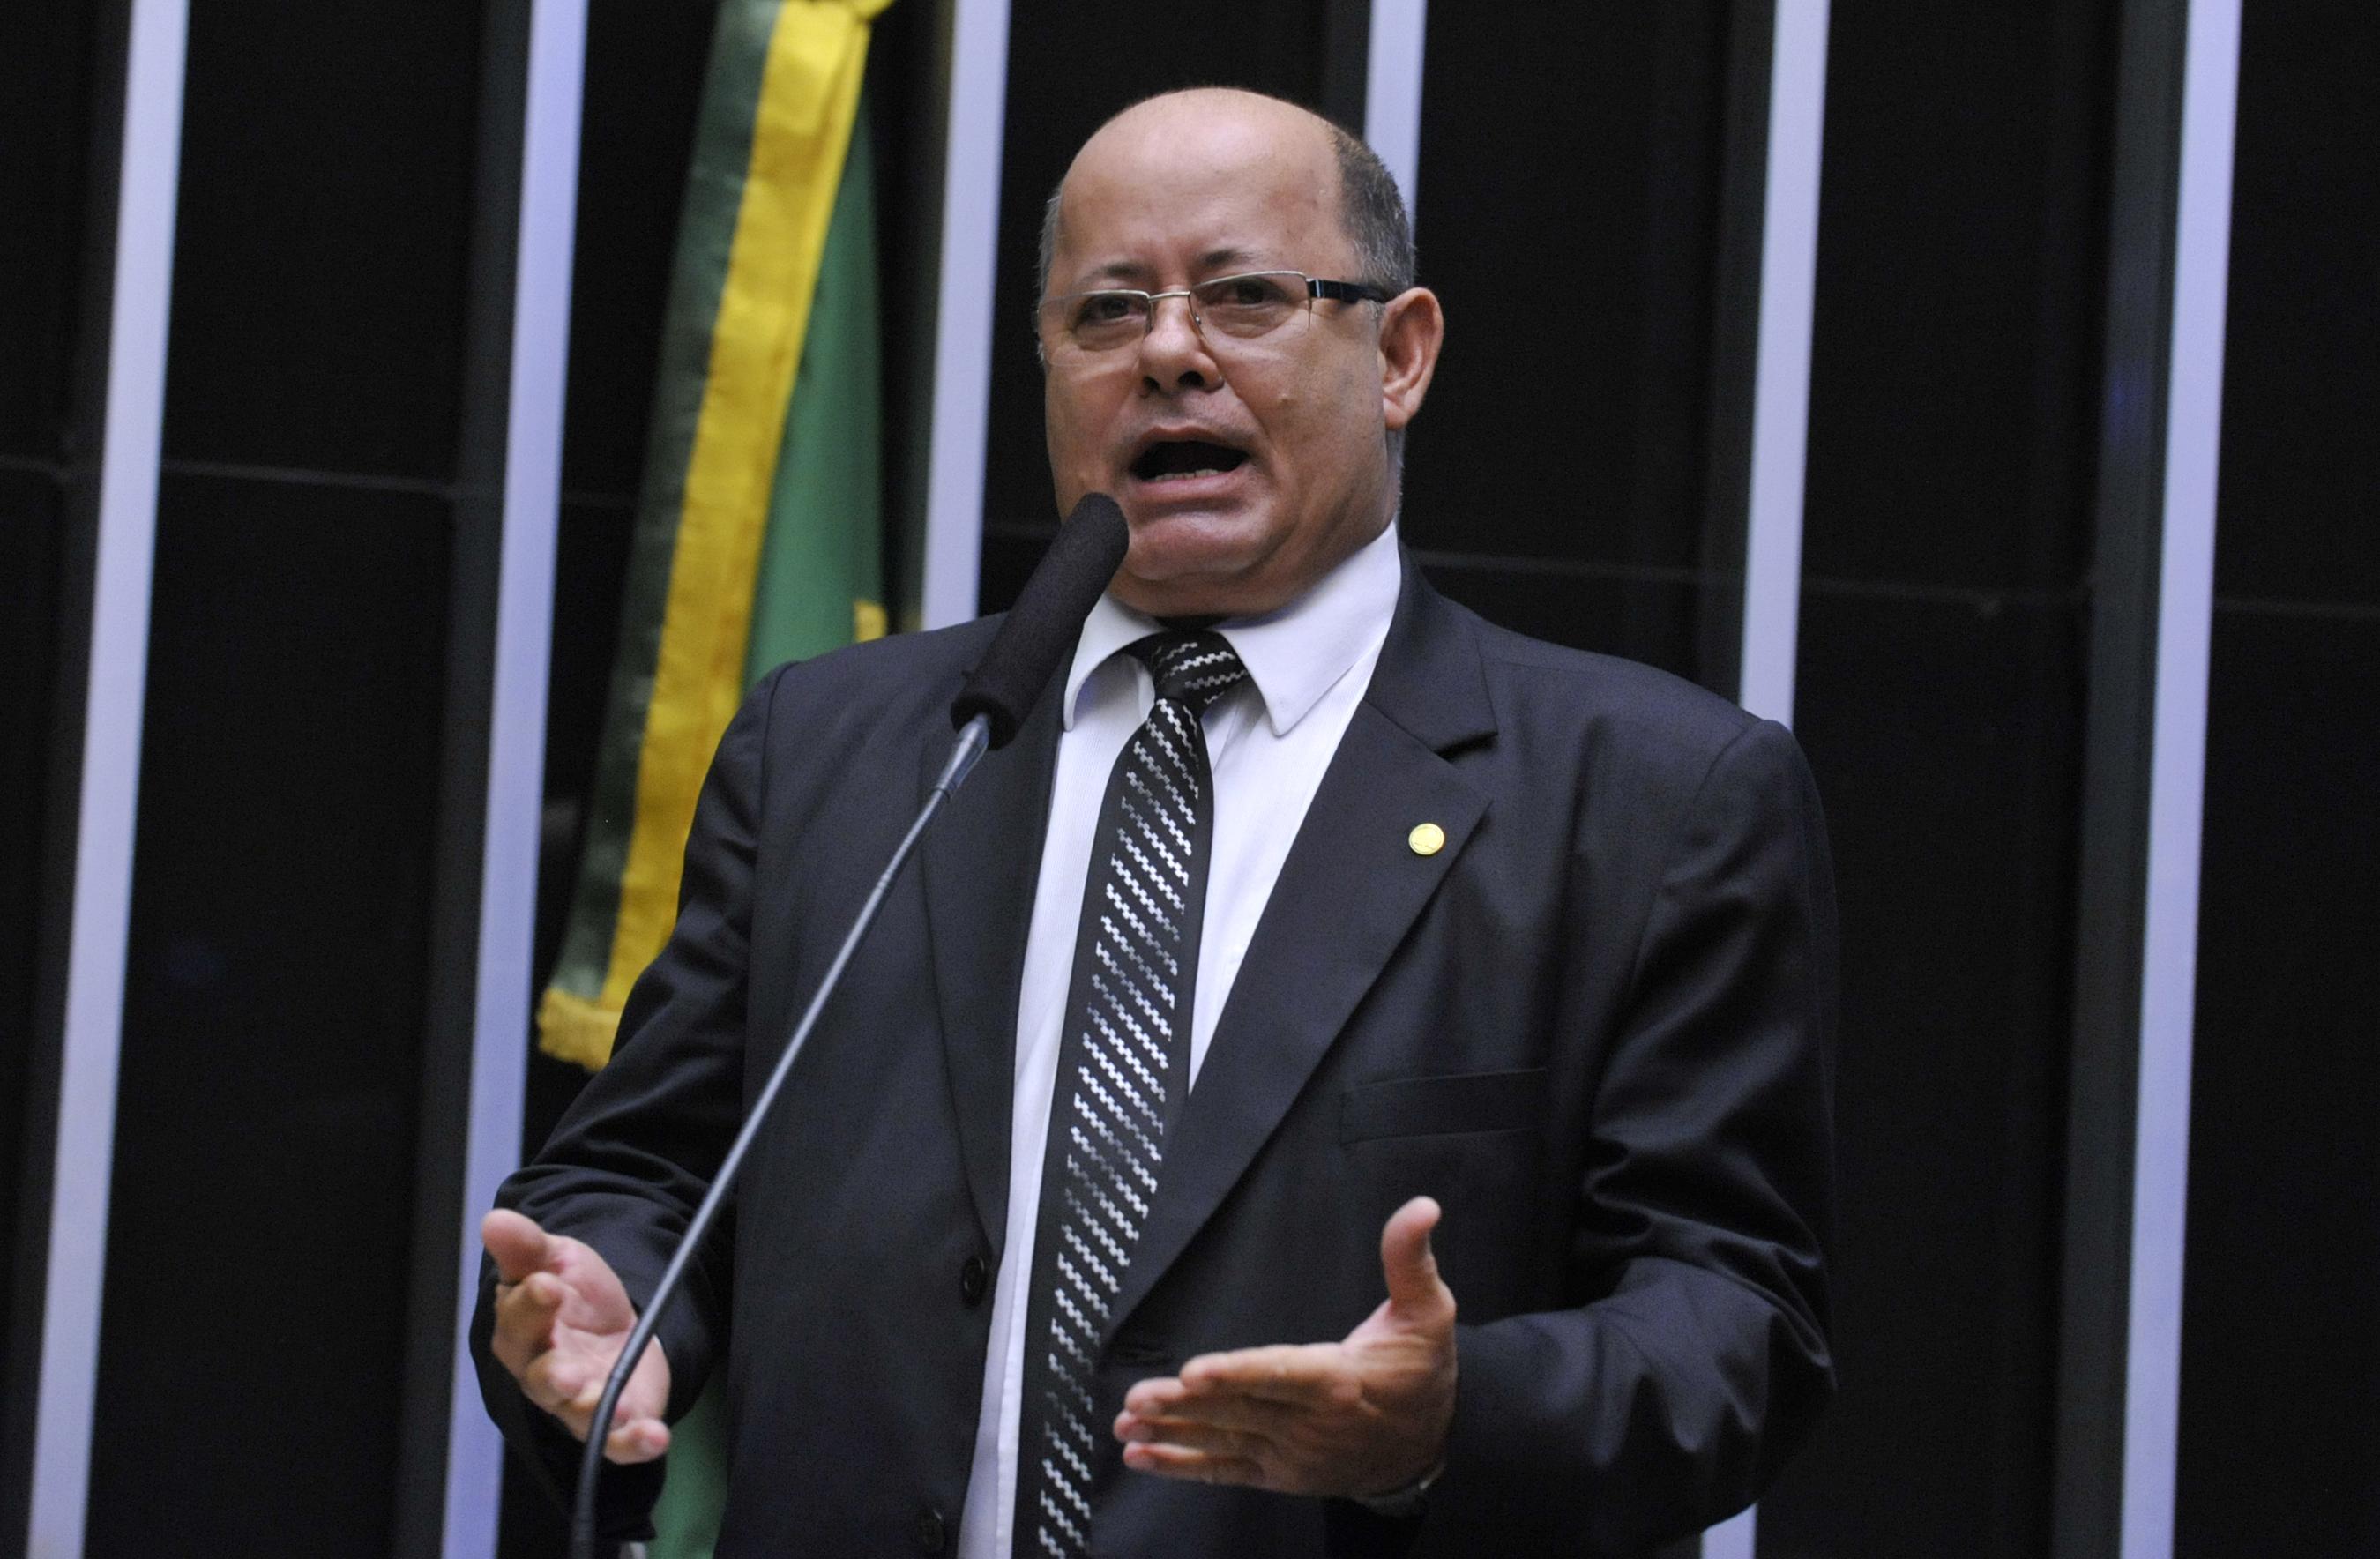 Sessão especial para discussão e votação do parecer do dep. Jovair Arantes (PTB-GO), aprovado em comissão especial, que recomenda a abertura do processo de impeachment da presidente da República - Dep. Tenente Lúcio (PSB-MG)